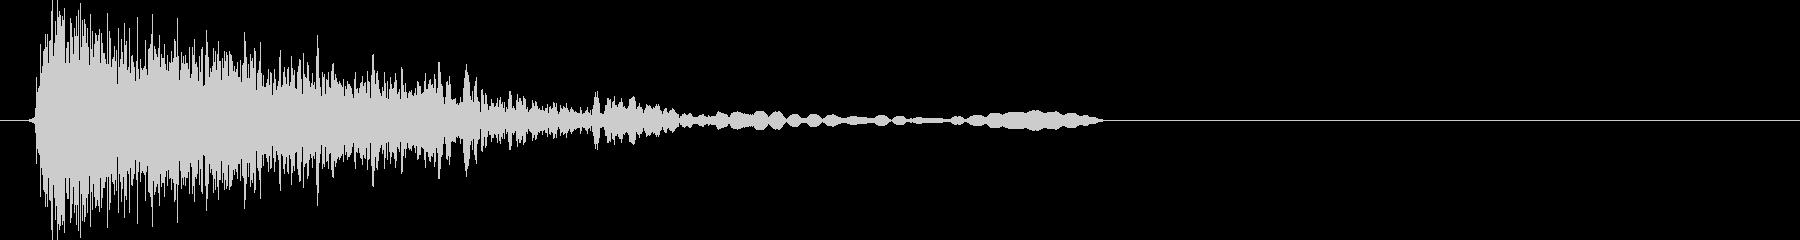 キジュワン!(SF音)の未再生の波形